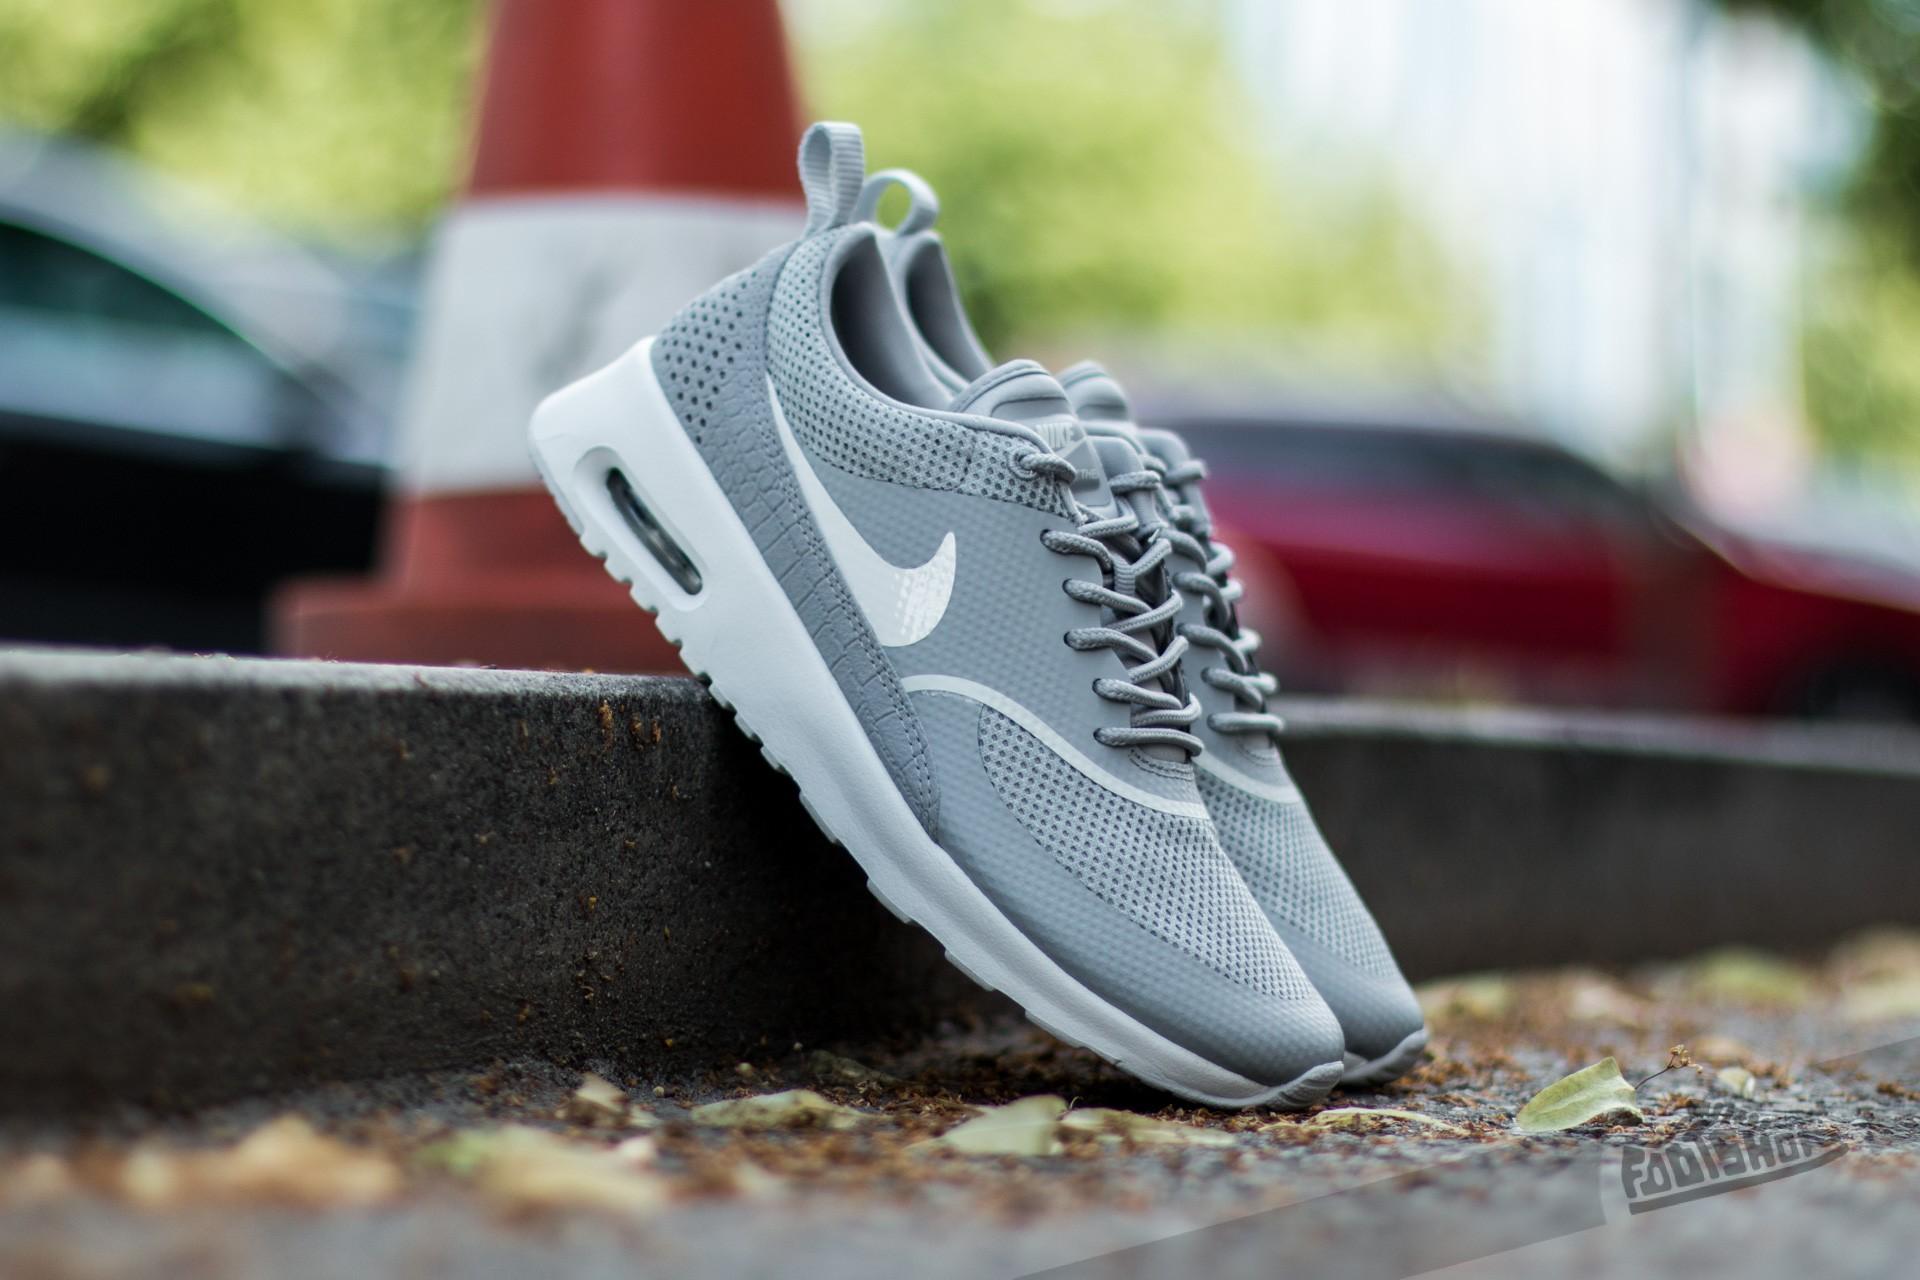 aburrido fingir Geología  Women's shoes Nike Wmns Air Max Thea Matte Silver/ Summit White | Footshop